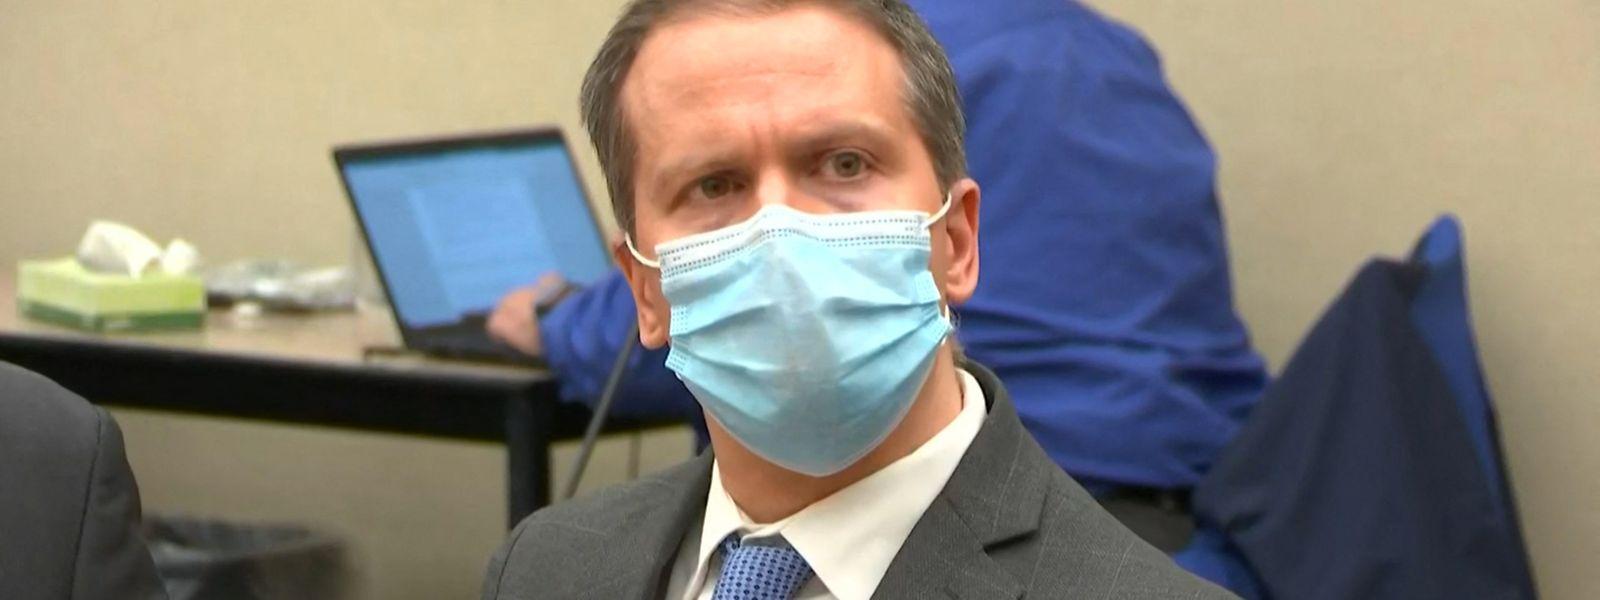 Derek Chauvin während der Urteilsverkündung Ende April.